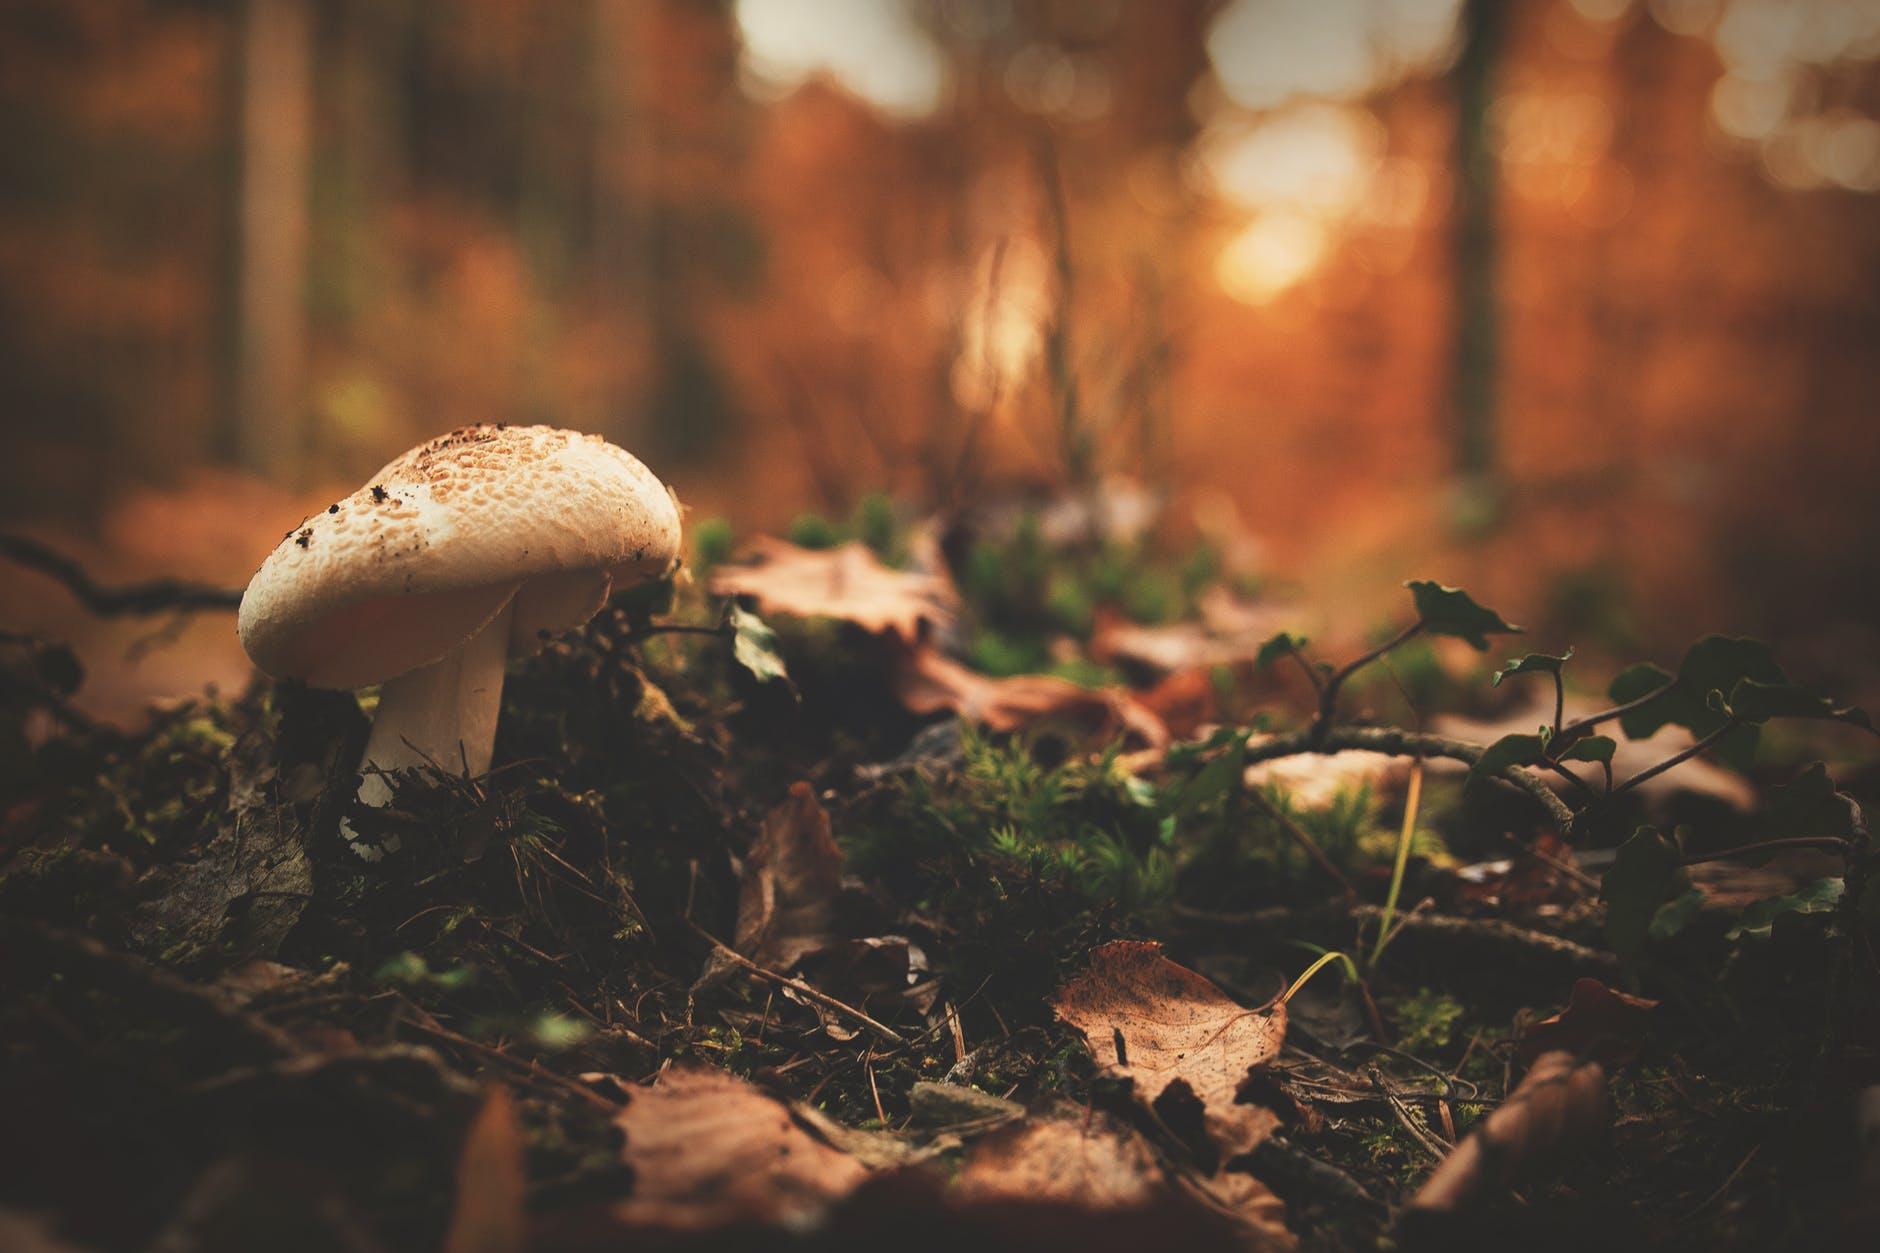 autumn blur boletus close up